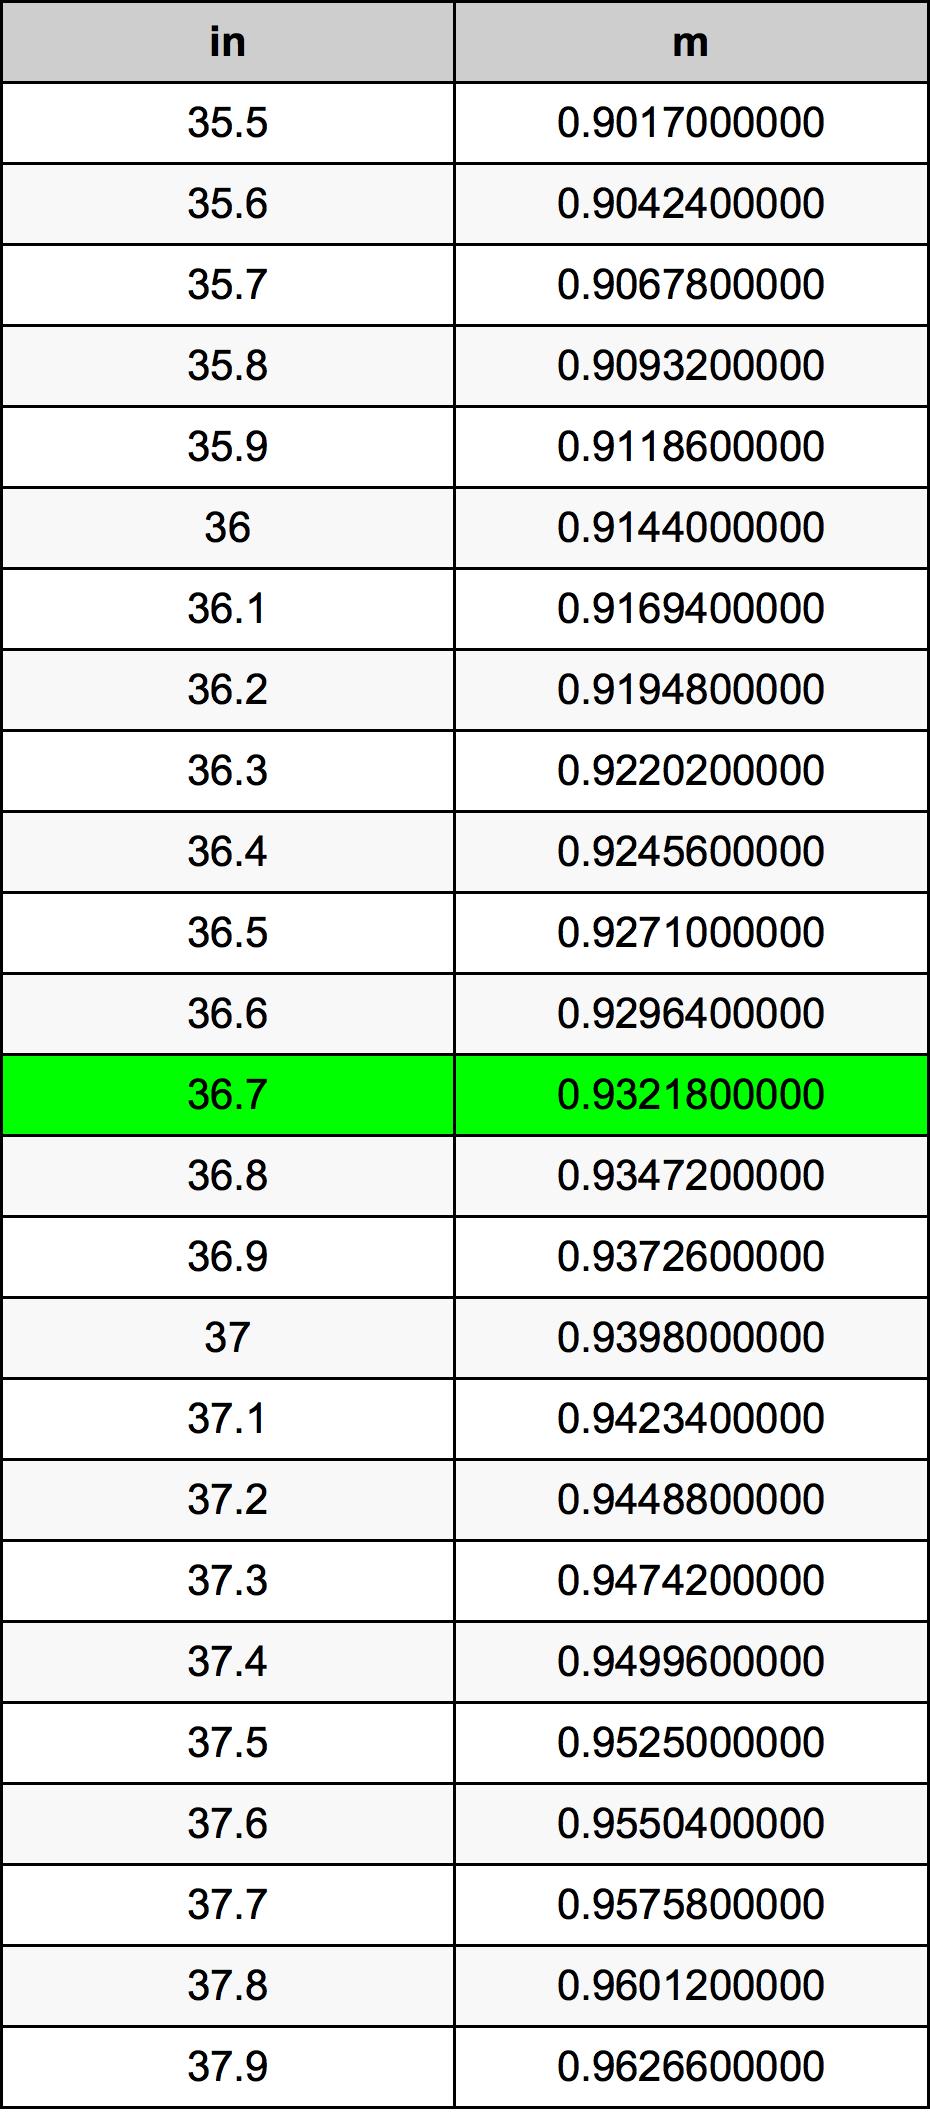 36.7 Colis konversijos lentelę